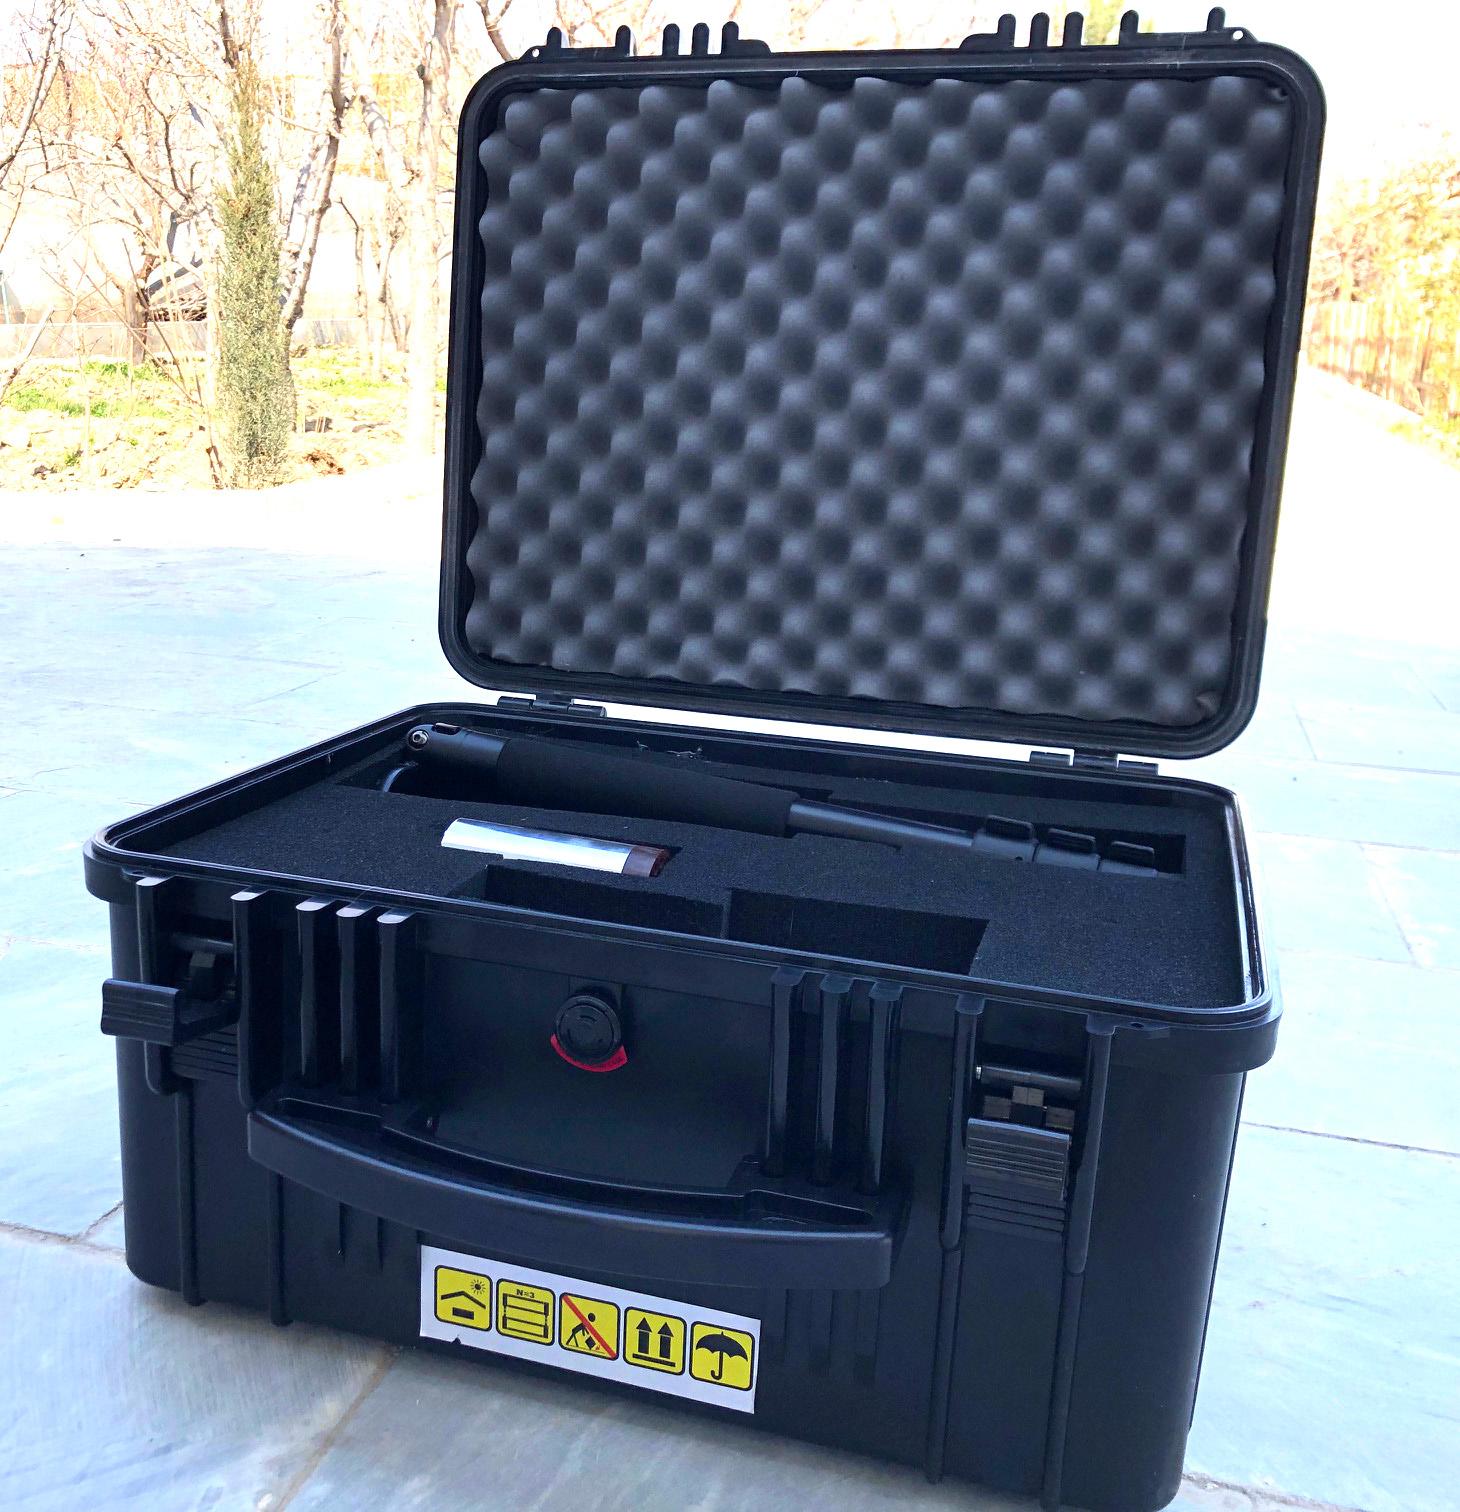 تصویر اسپکتروسکوپی قابل حمل مدل NT-125